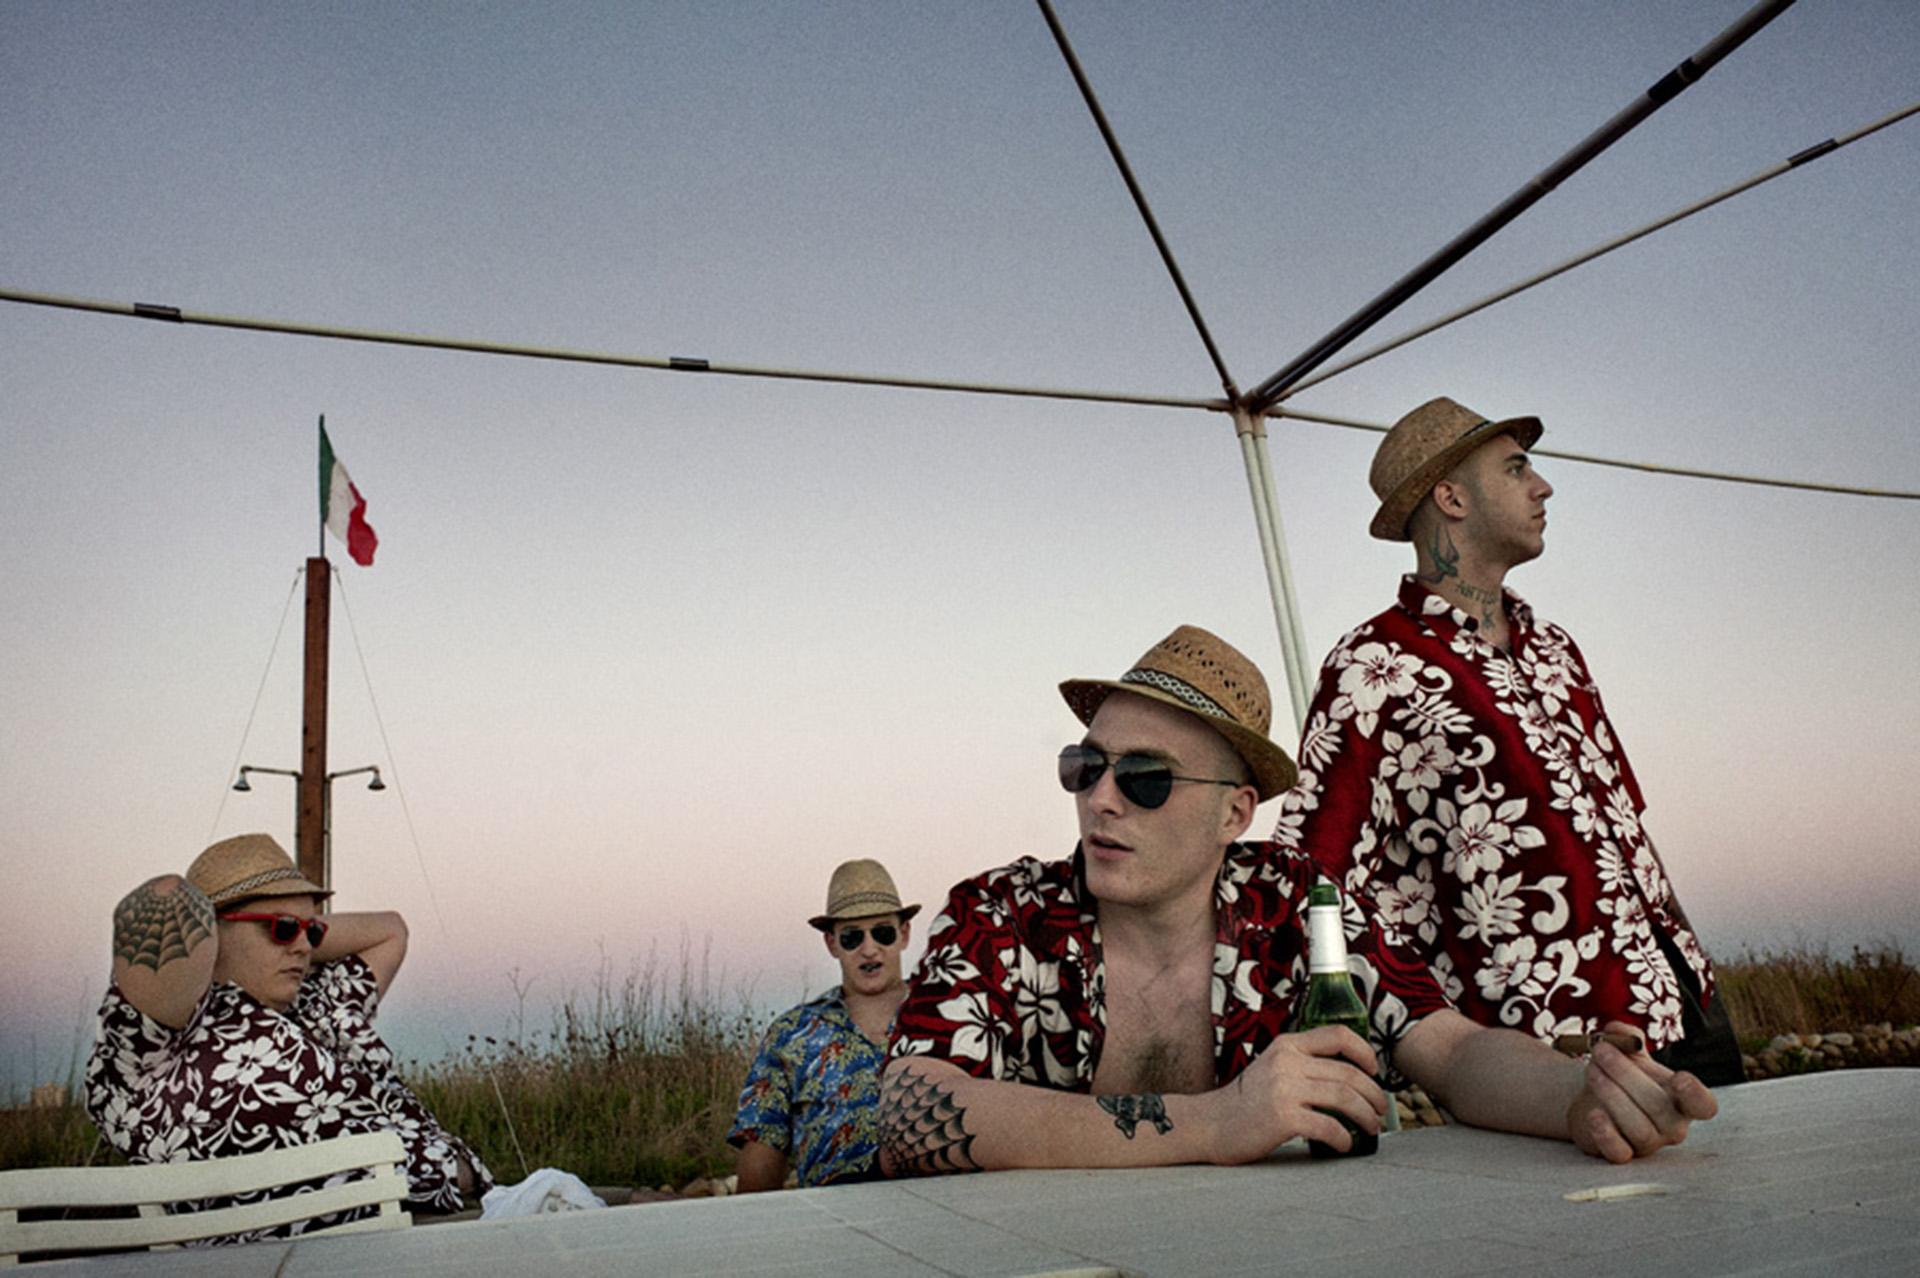 Jóvenes del grupo Skin 4 skins en una fiesta hawaiana que realizan cada año al comienzo del verano en las cercanías de Roma